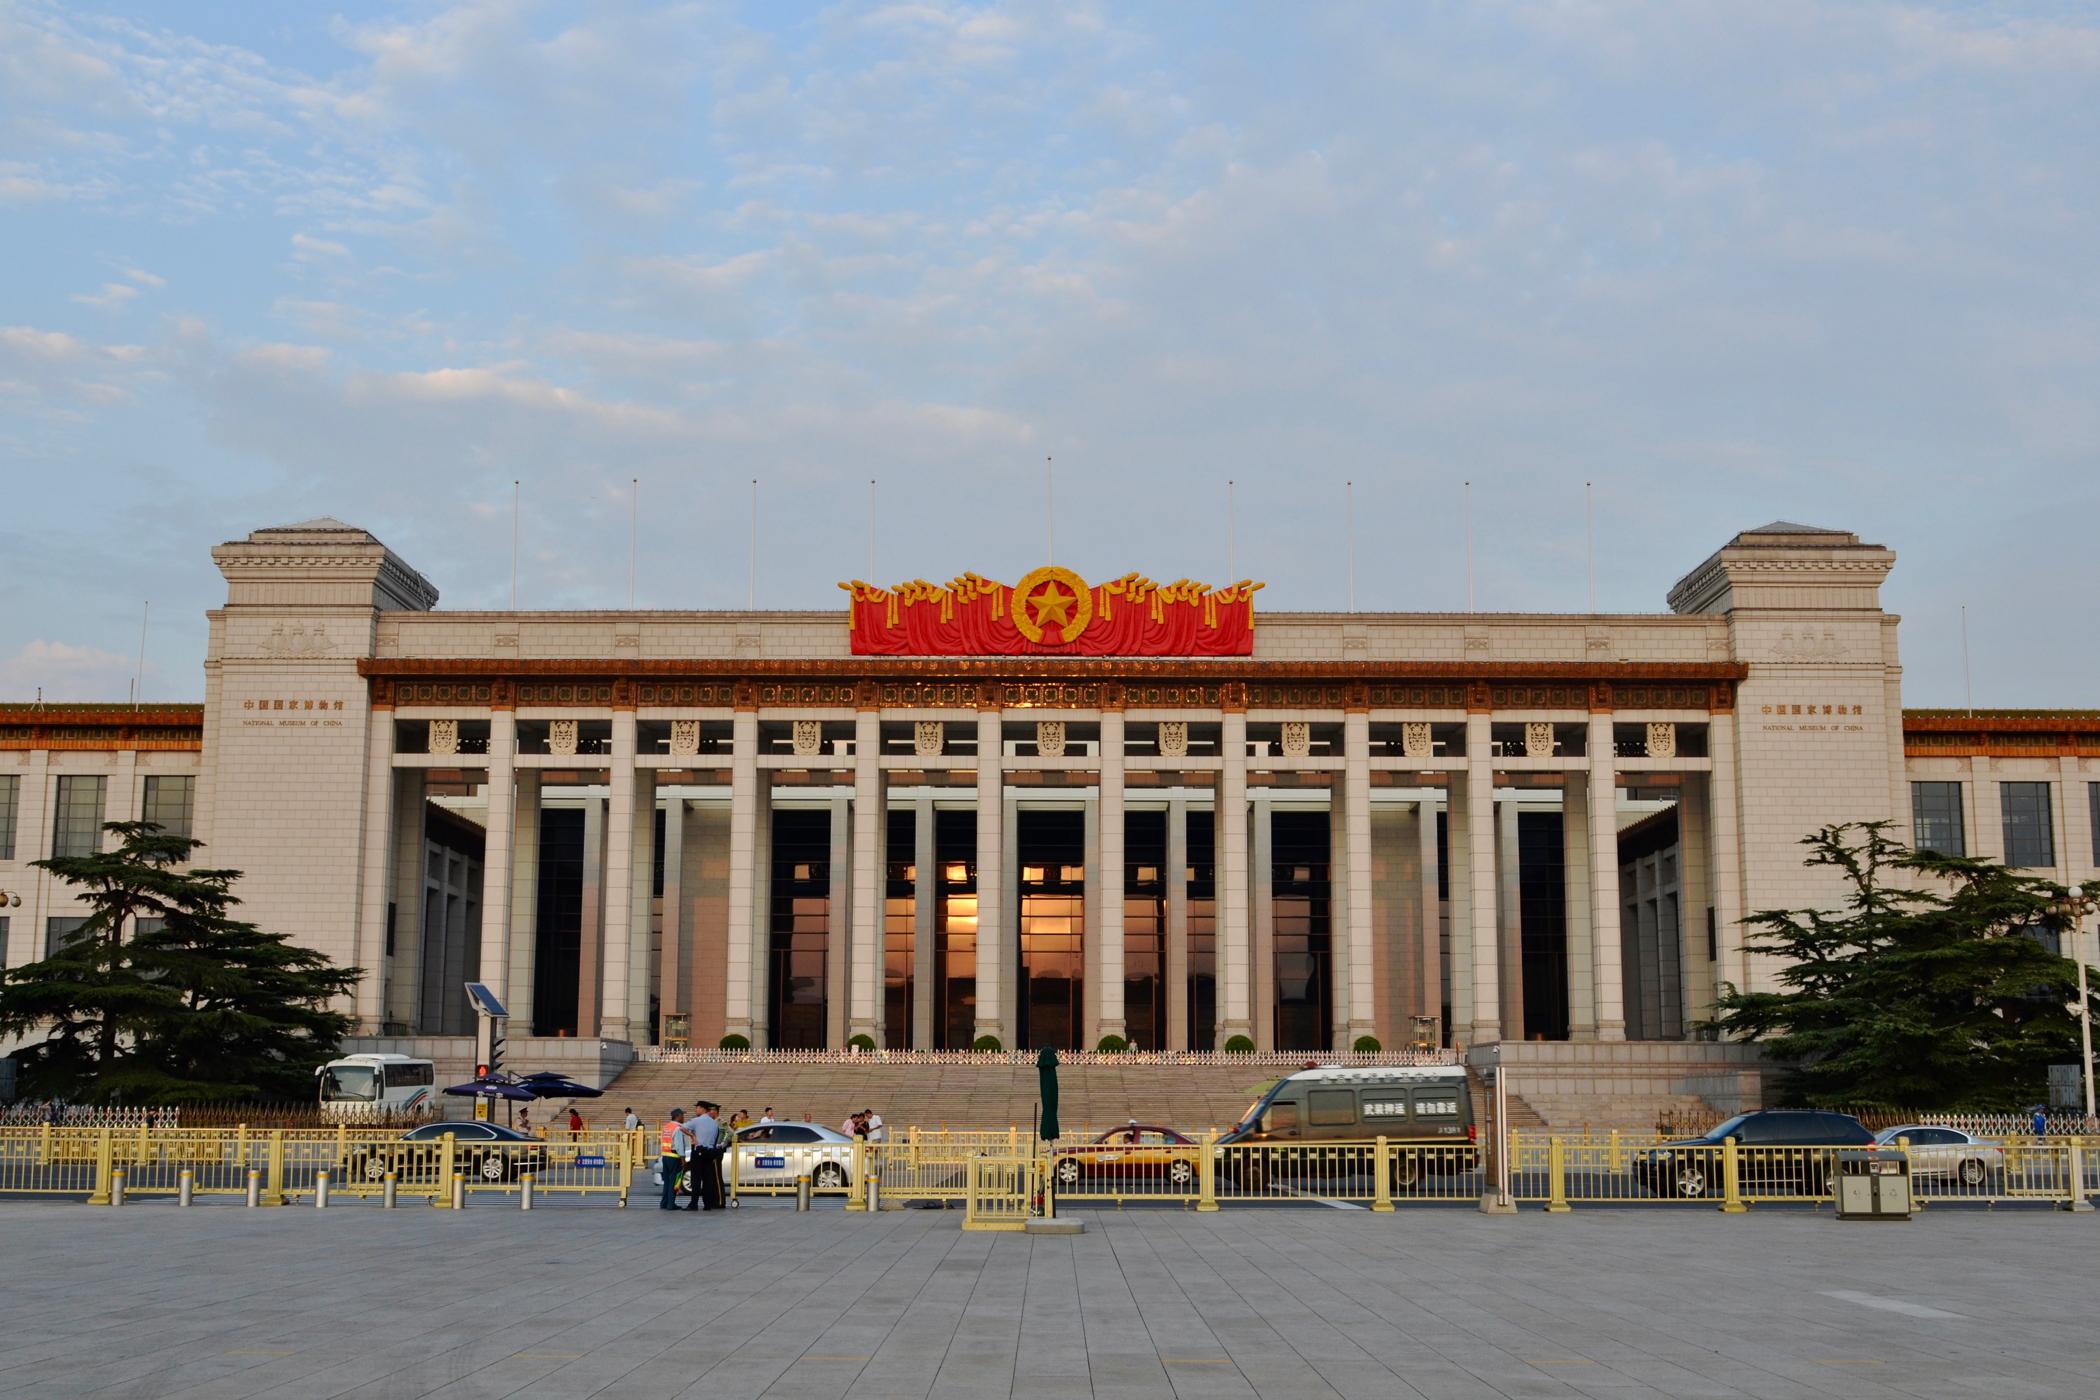 Peking-tipps-Sehenswuerdigkeiten-Platz-des-himmlischen-Friedens-Tiananmen